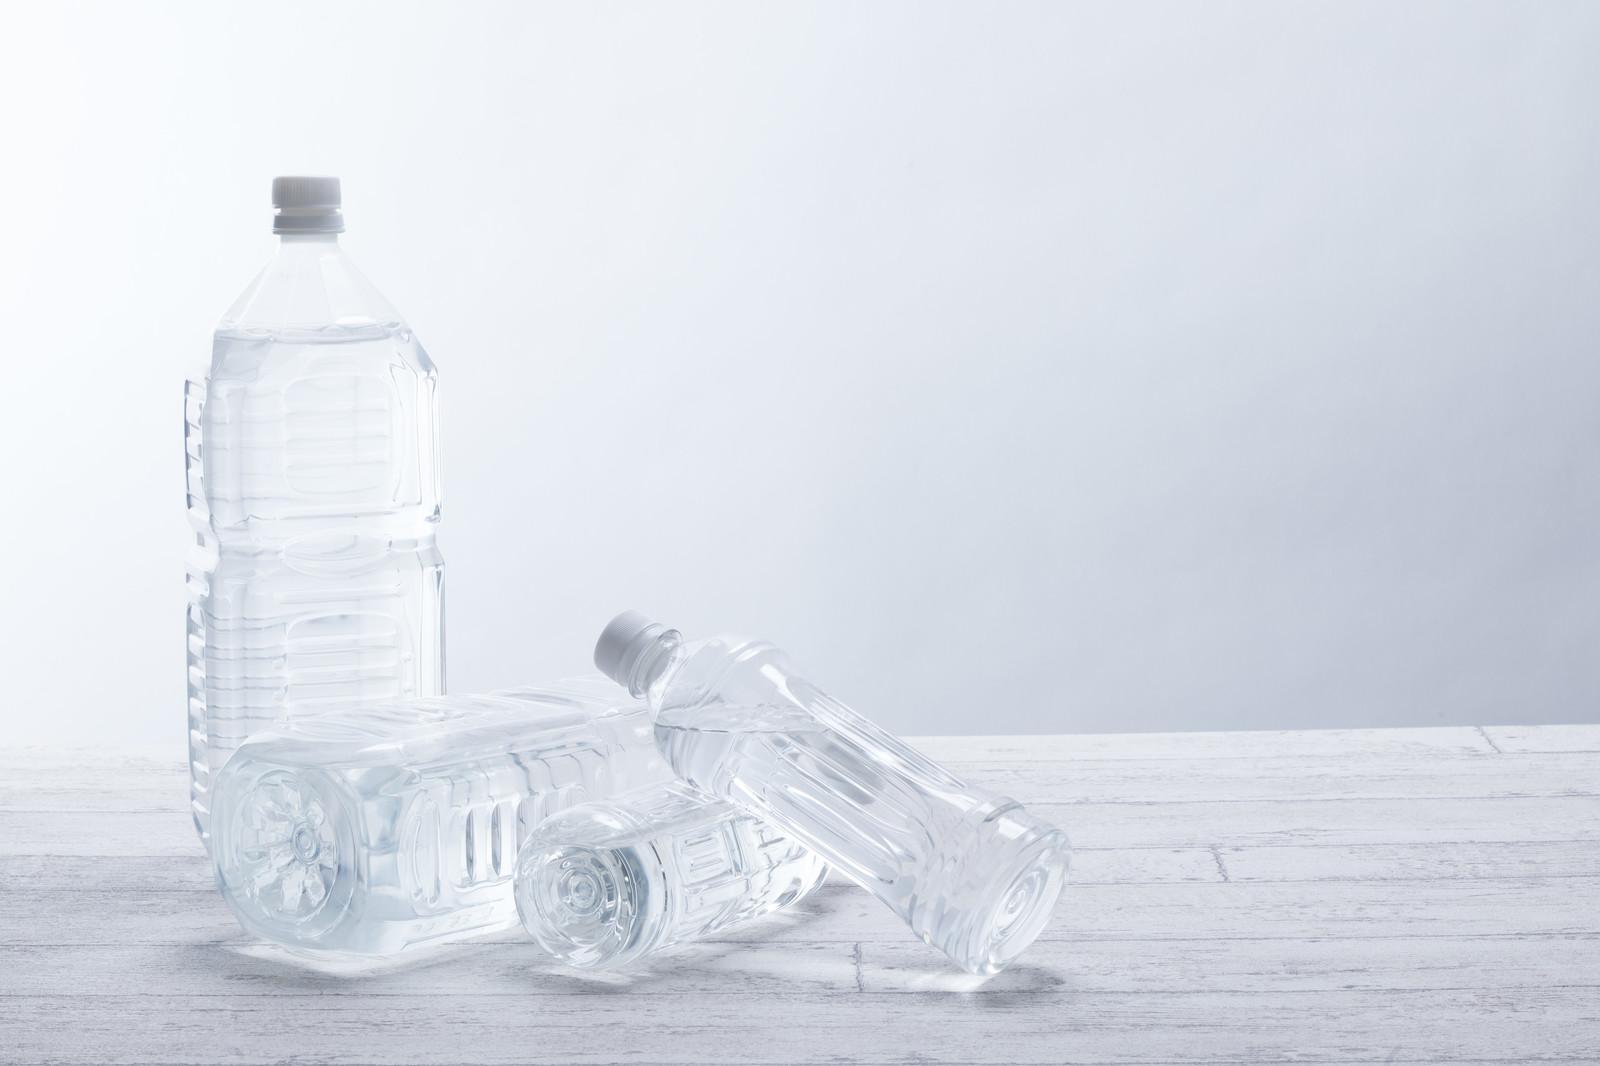 災害時の飲料水、1日分としては3,000ml必要です